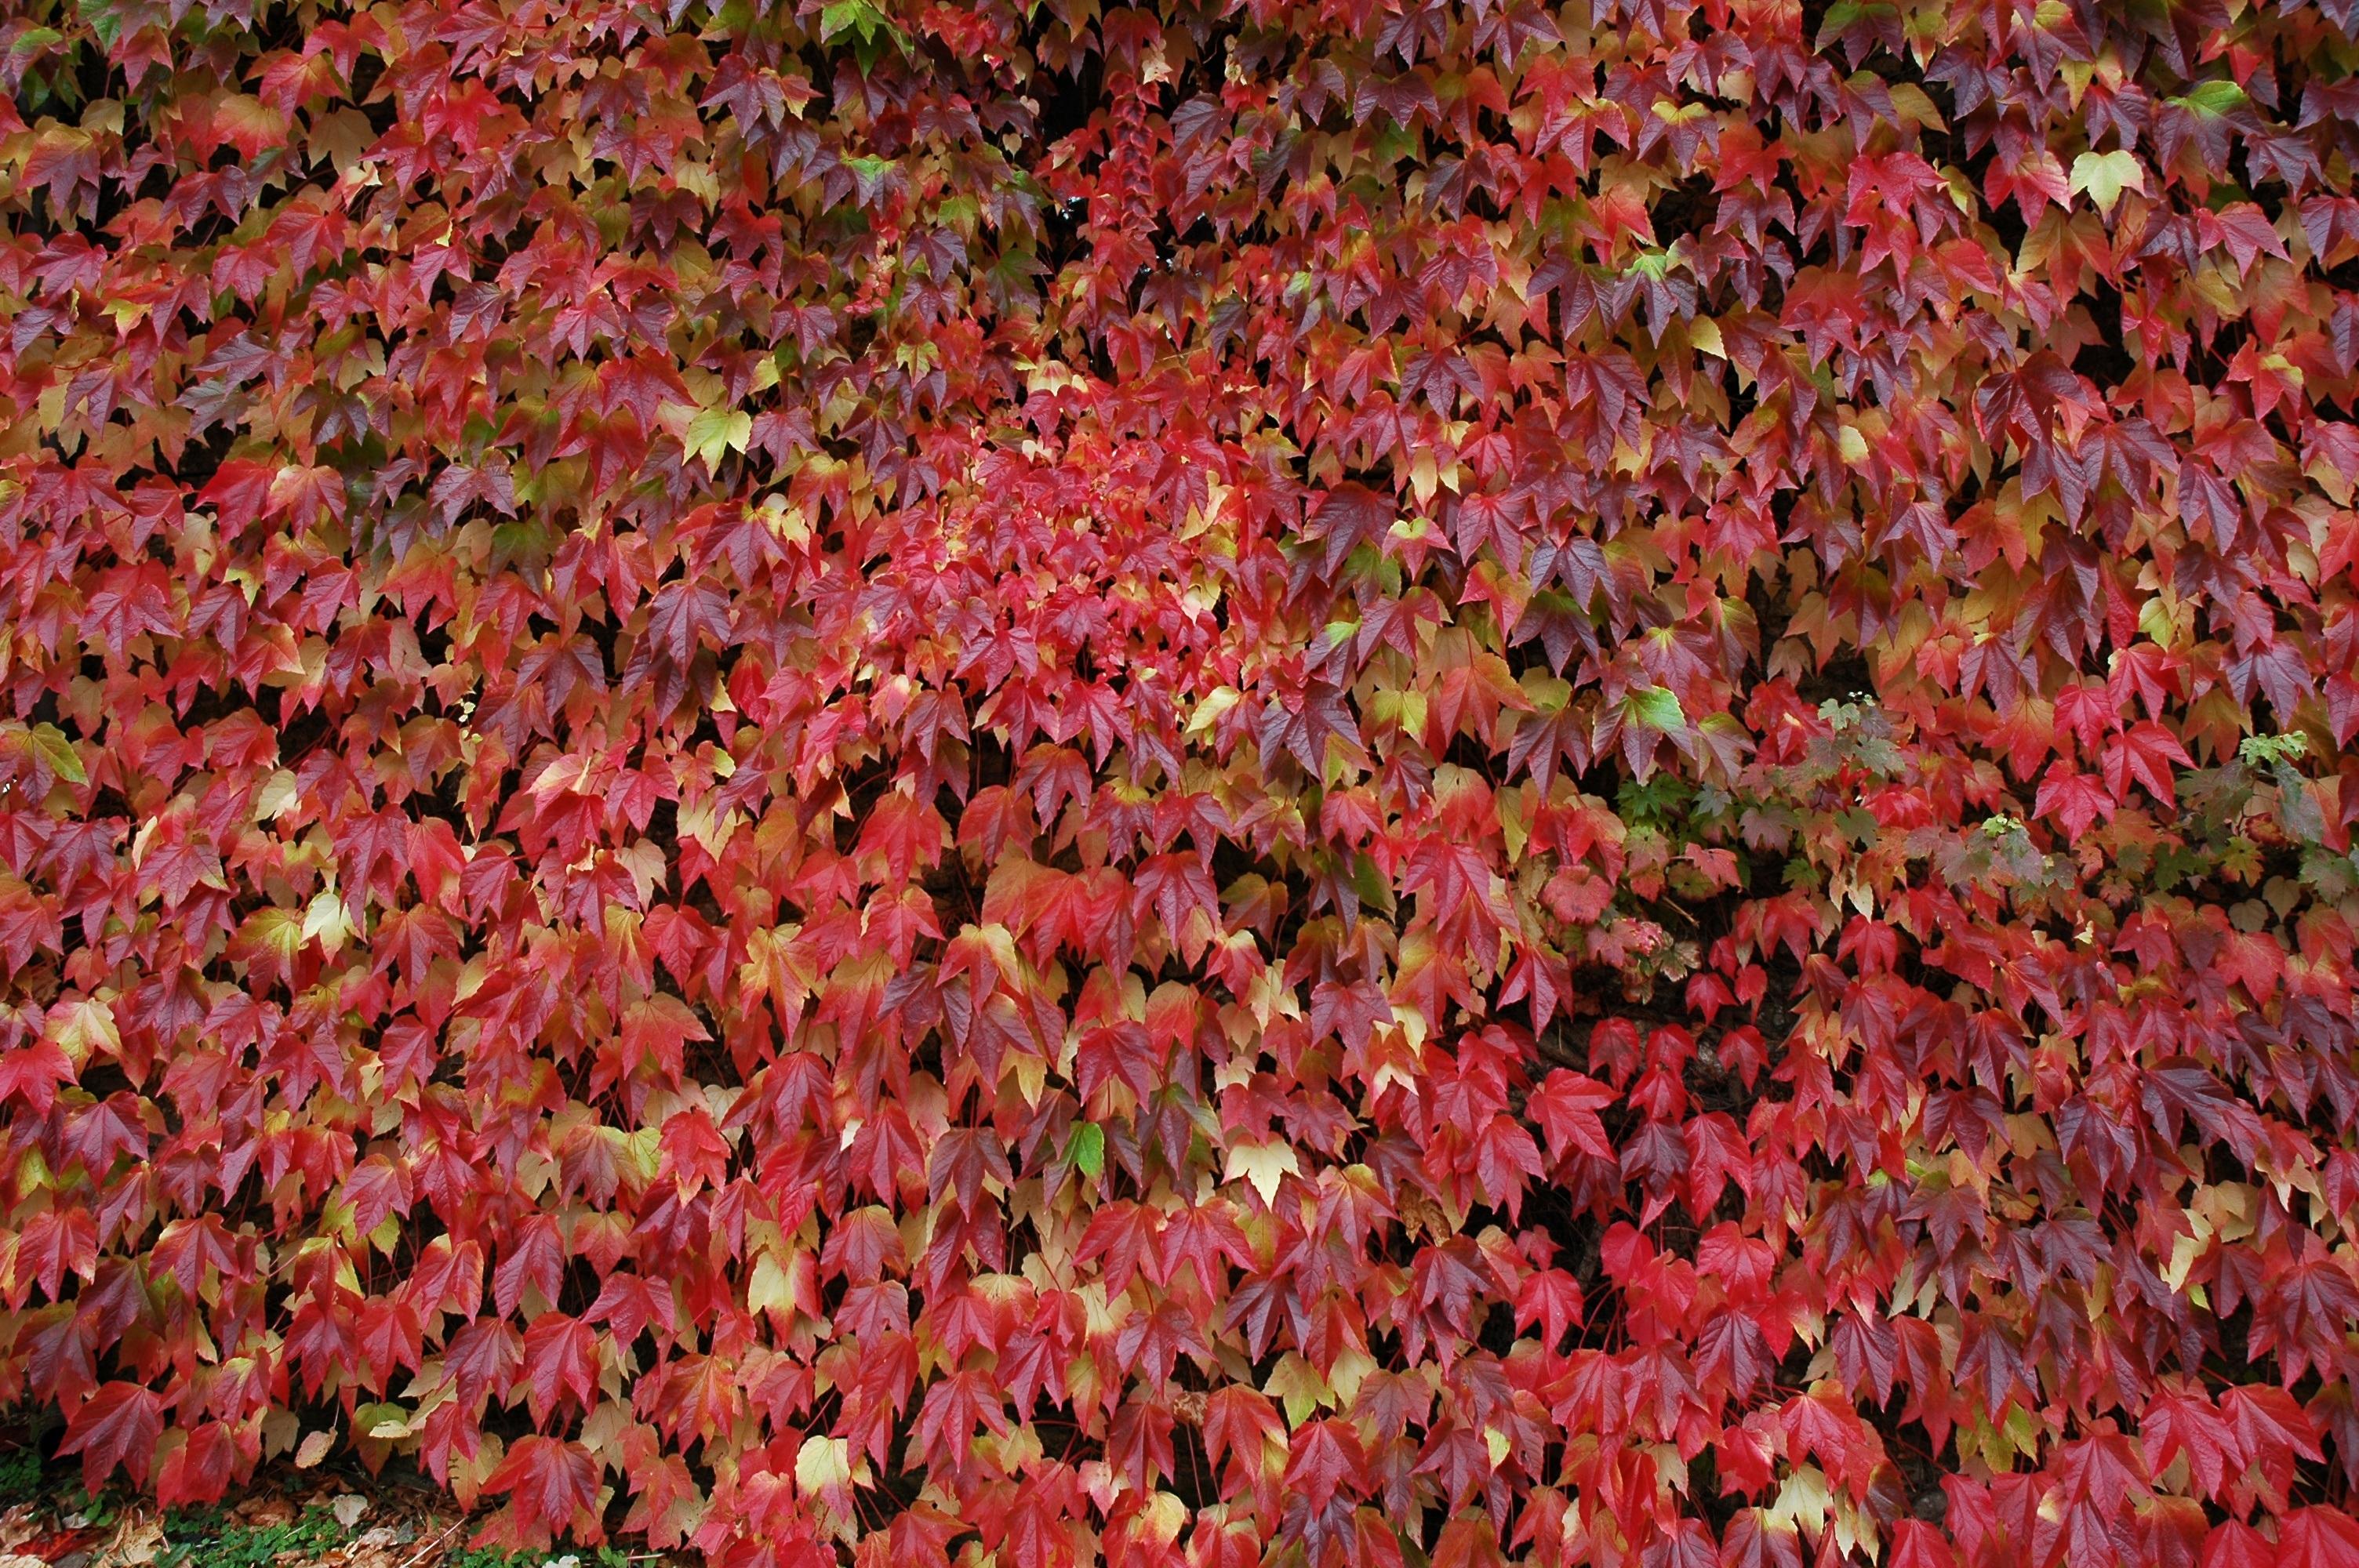 Assez Images Gratuites : arbre, feuille, fleur, pétale, rouge, l'automne  TM11